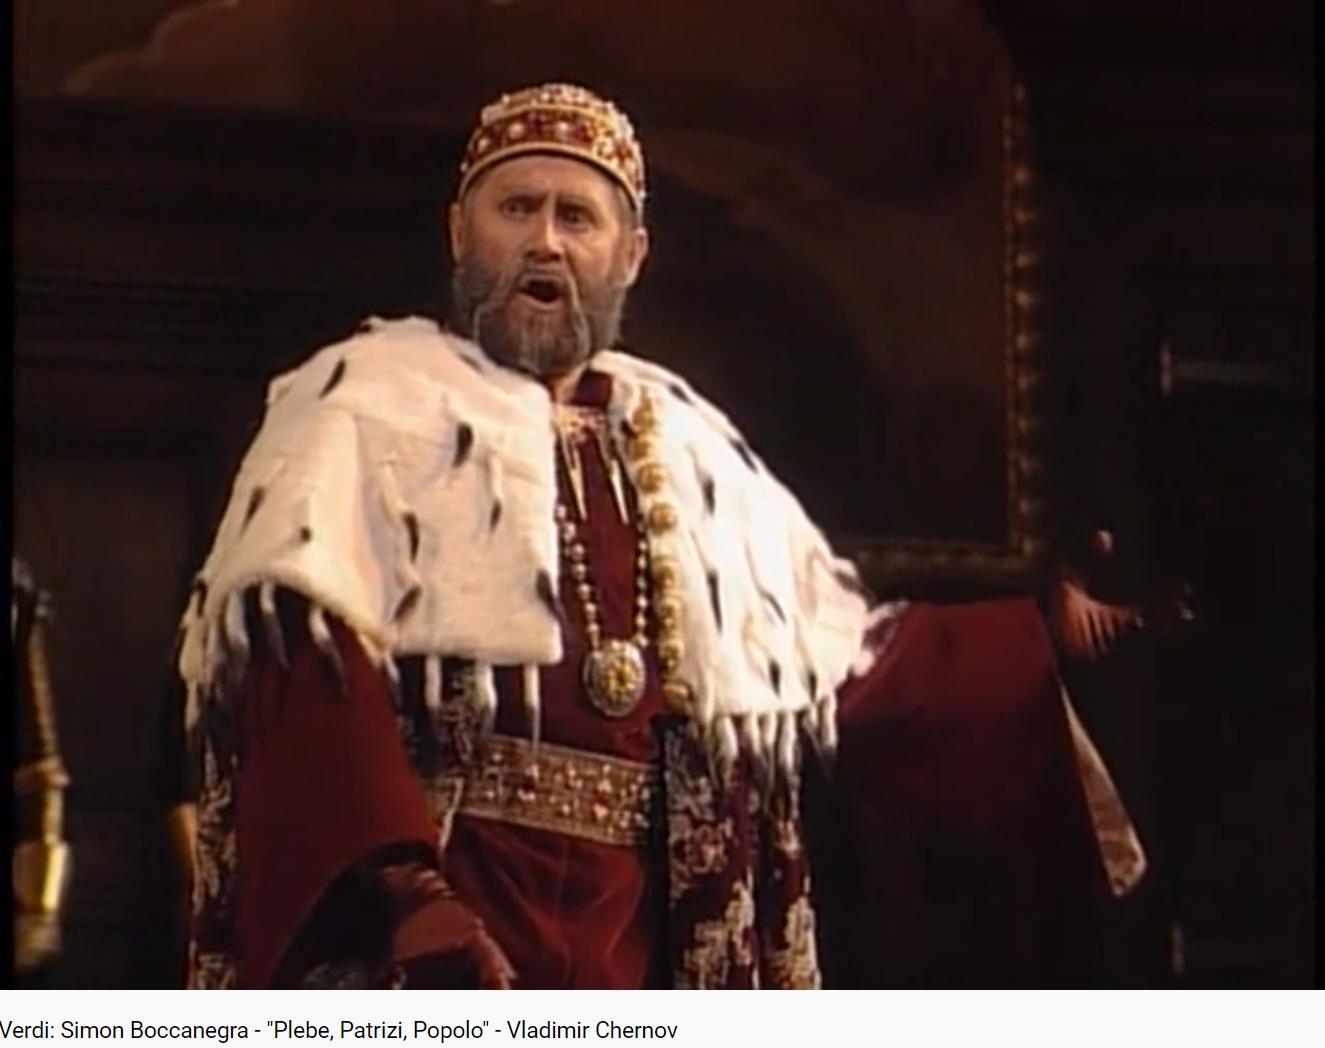 Verdi Simon Boccanegra Plebe, Patrizi, Popolo (MET 1995)